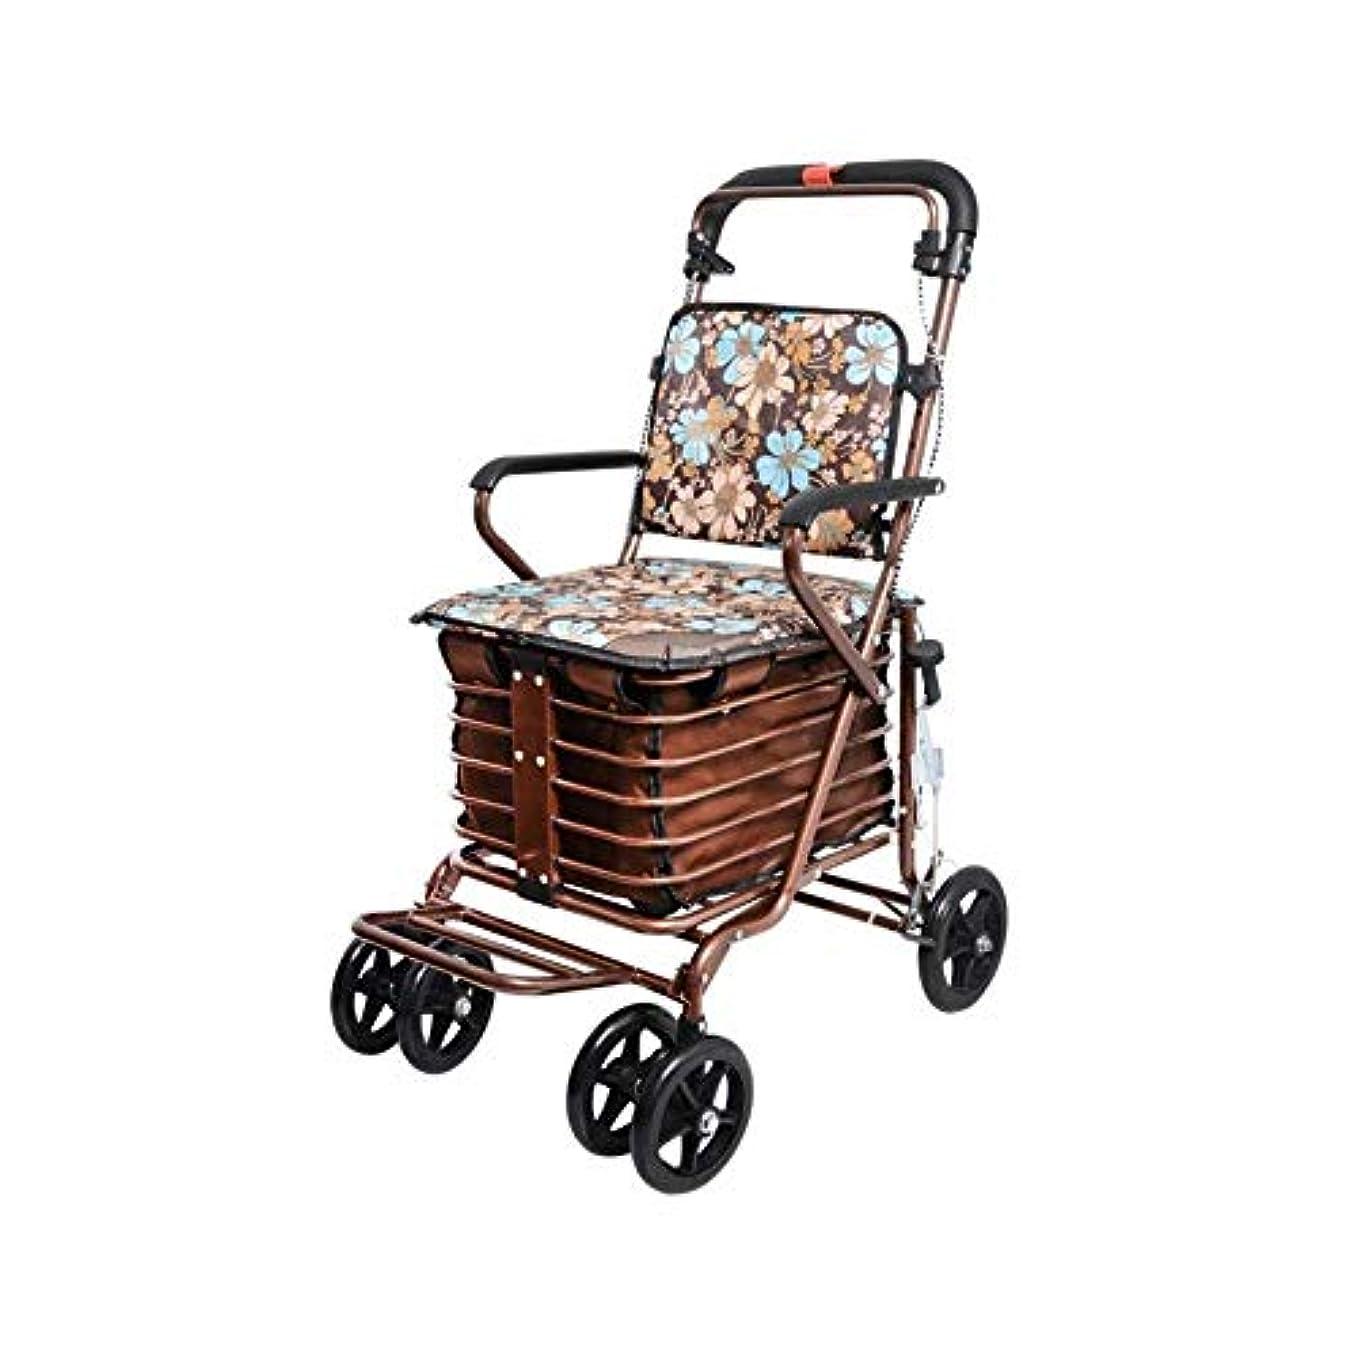 物語コマンド代表して軽量の高齢者の歩行者、折る携帯用歩行器の補助歩行者の4つの車輪のショッピングカートハンドブレーキが付いている頑丈な歩行者 (Color : Color1)